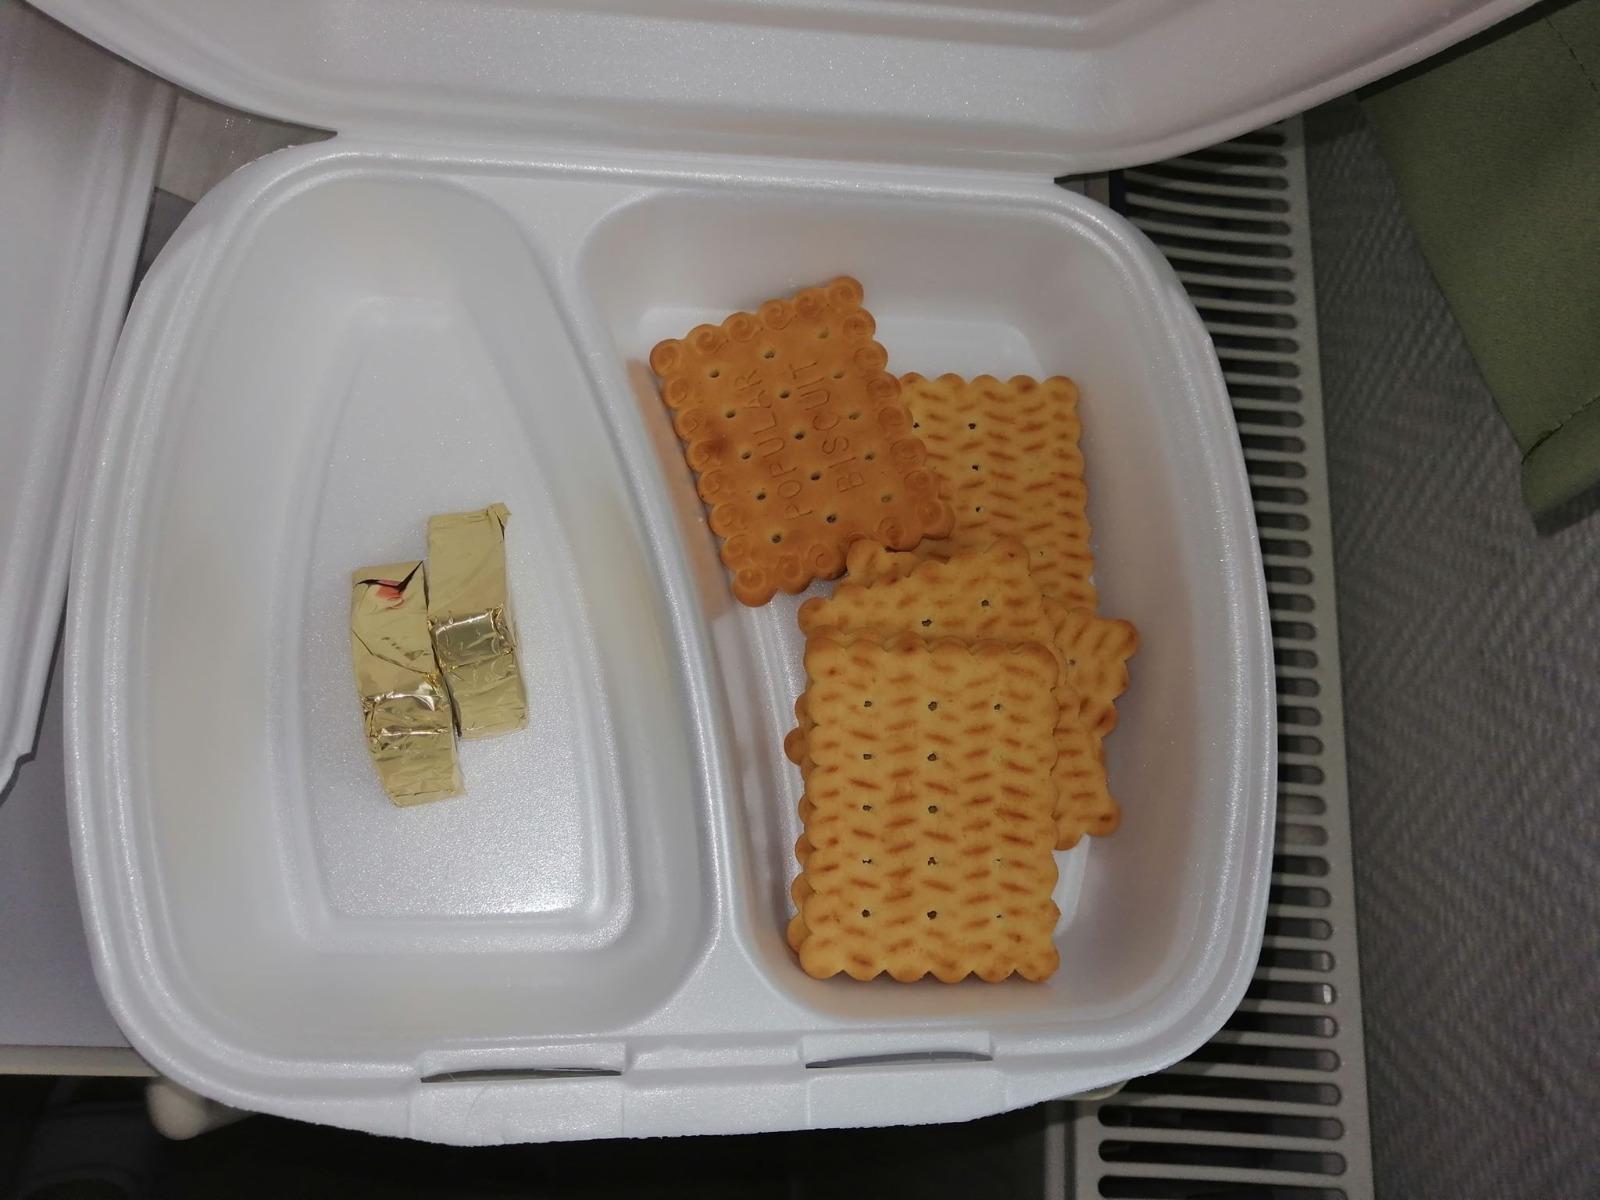 """Cum arată micul dejun și cina la o maternitate din Sibiu: """"Primesc dimineața o jumătate de pâine pentru întreaga zi"""""""